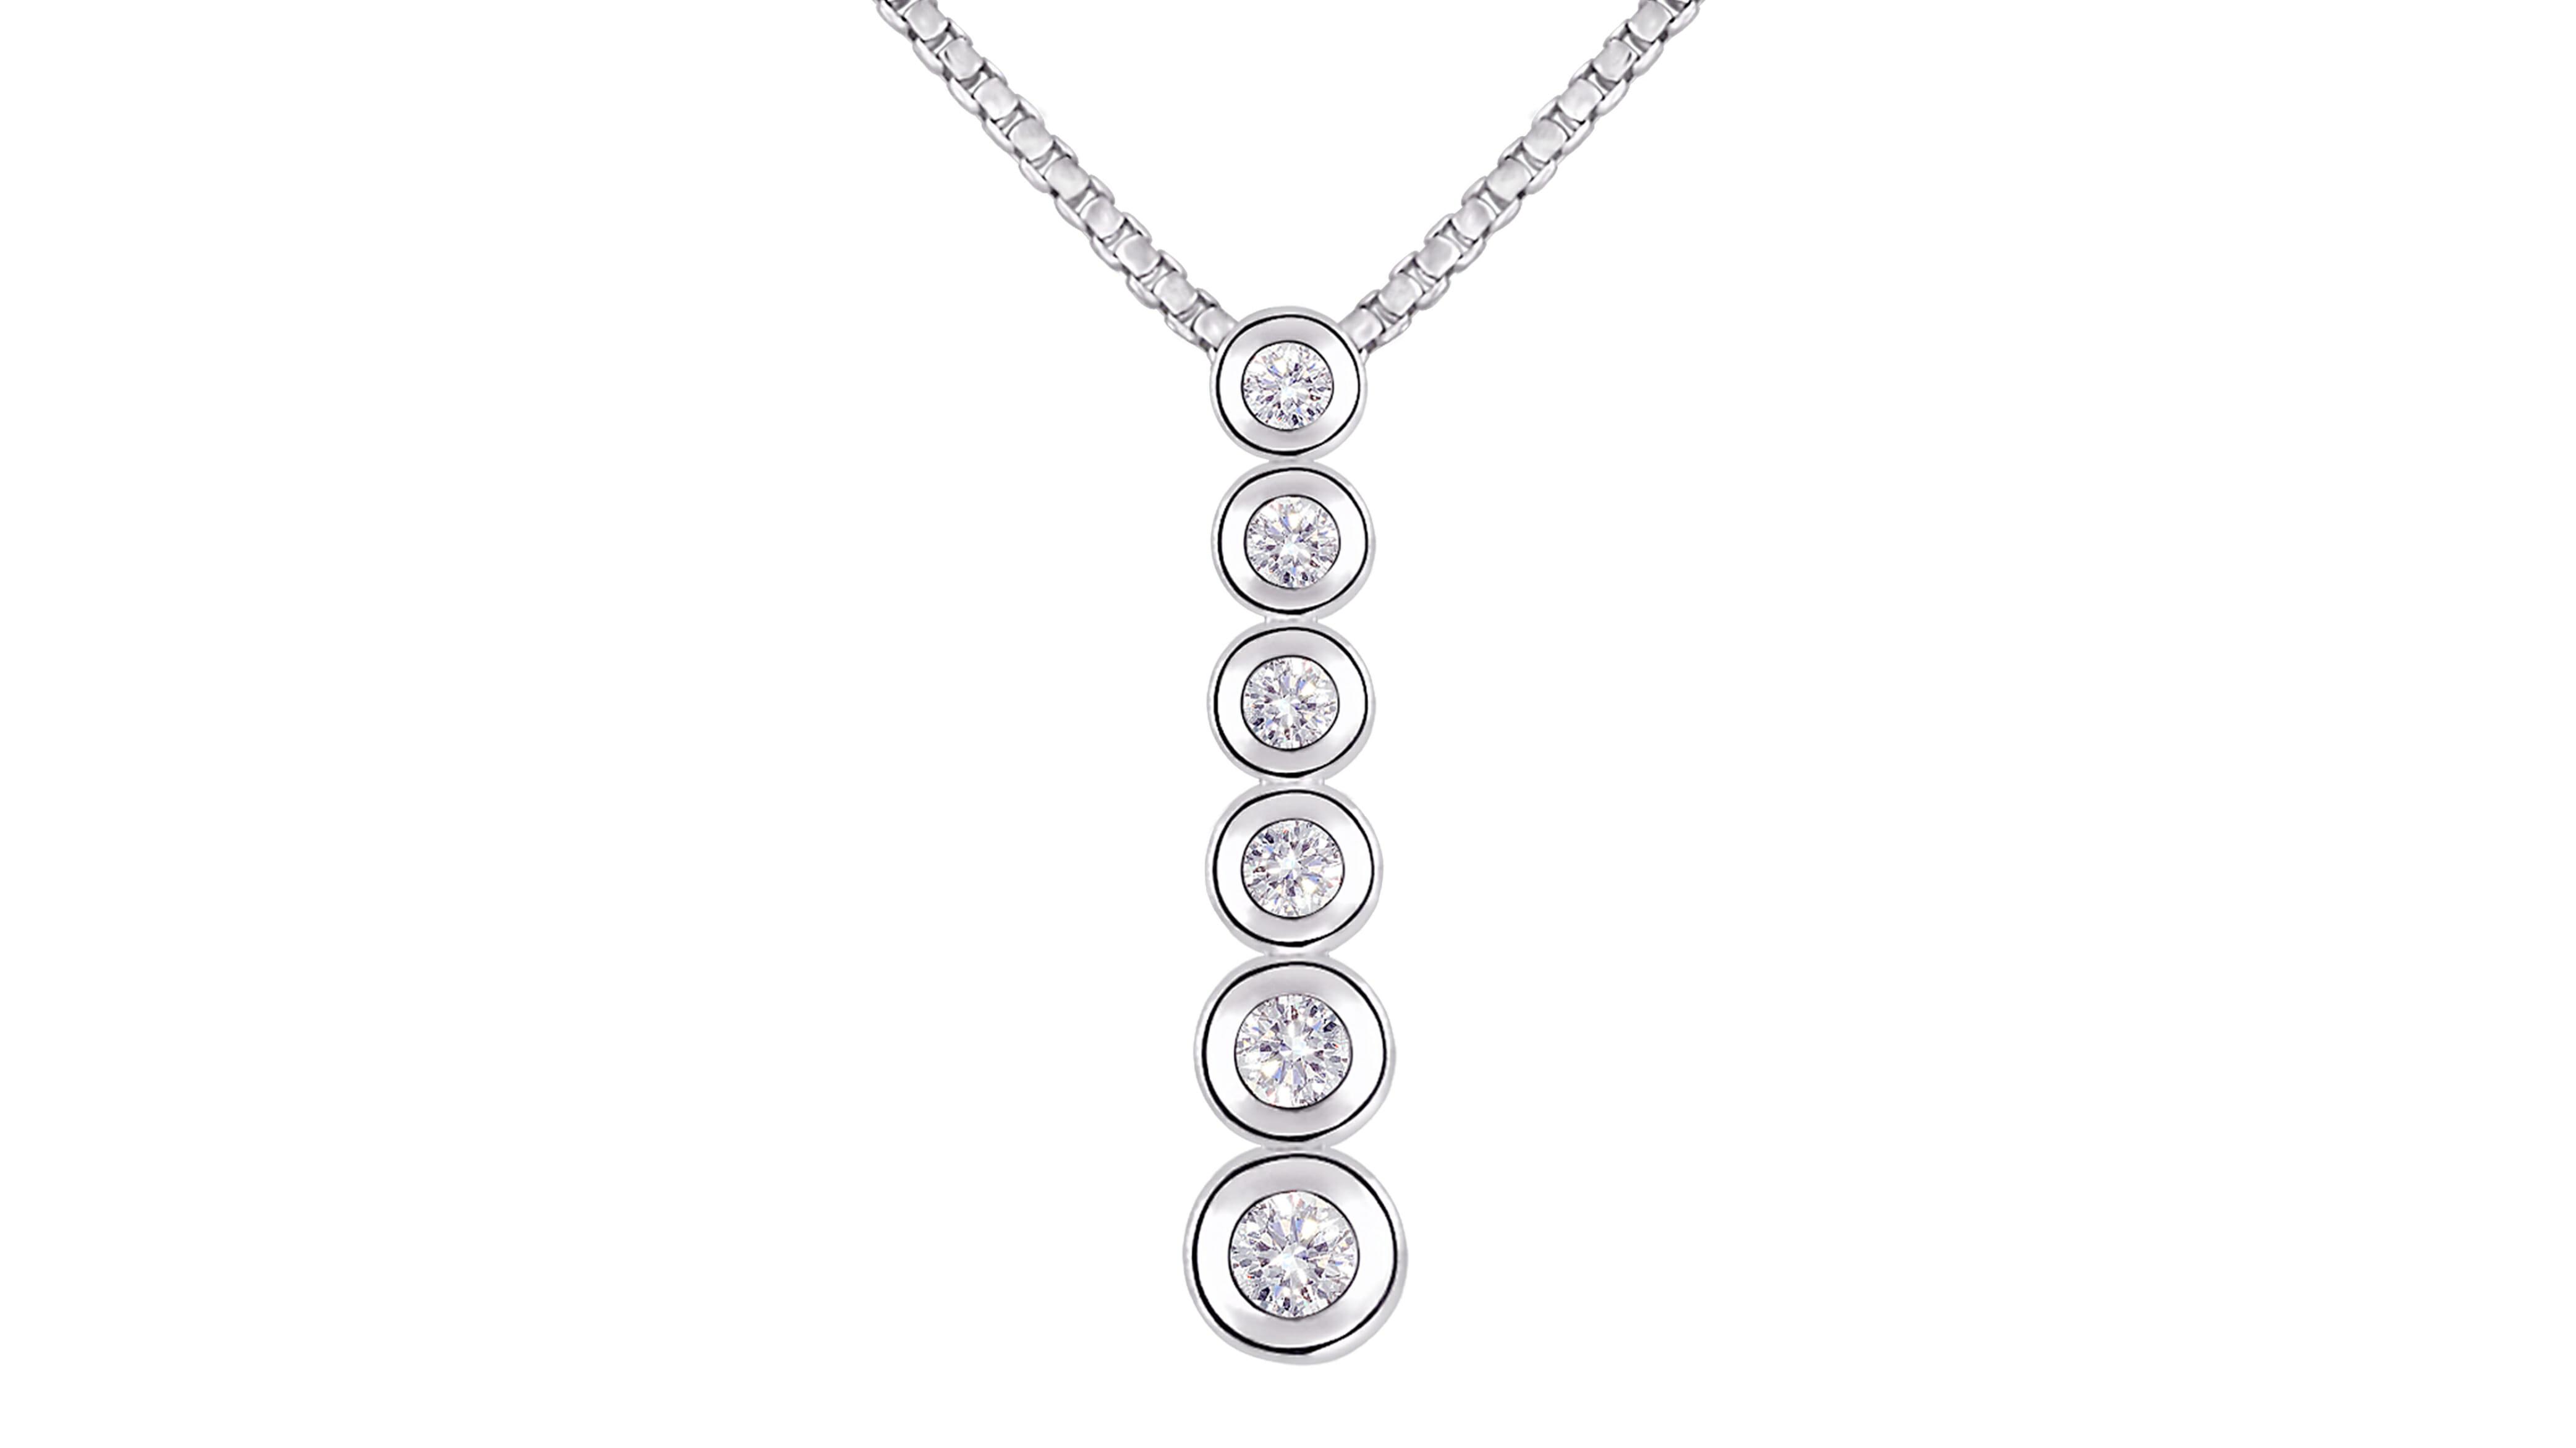 18 carat white gold, graduated tube-set diamond pendant